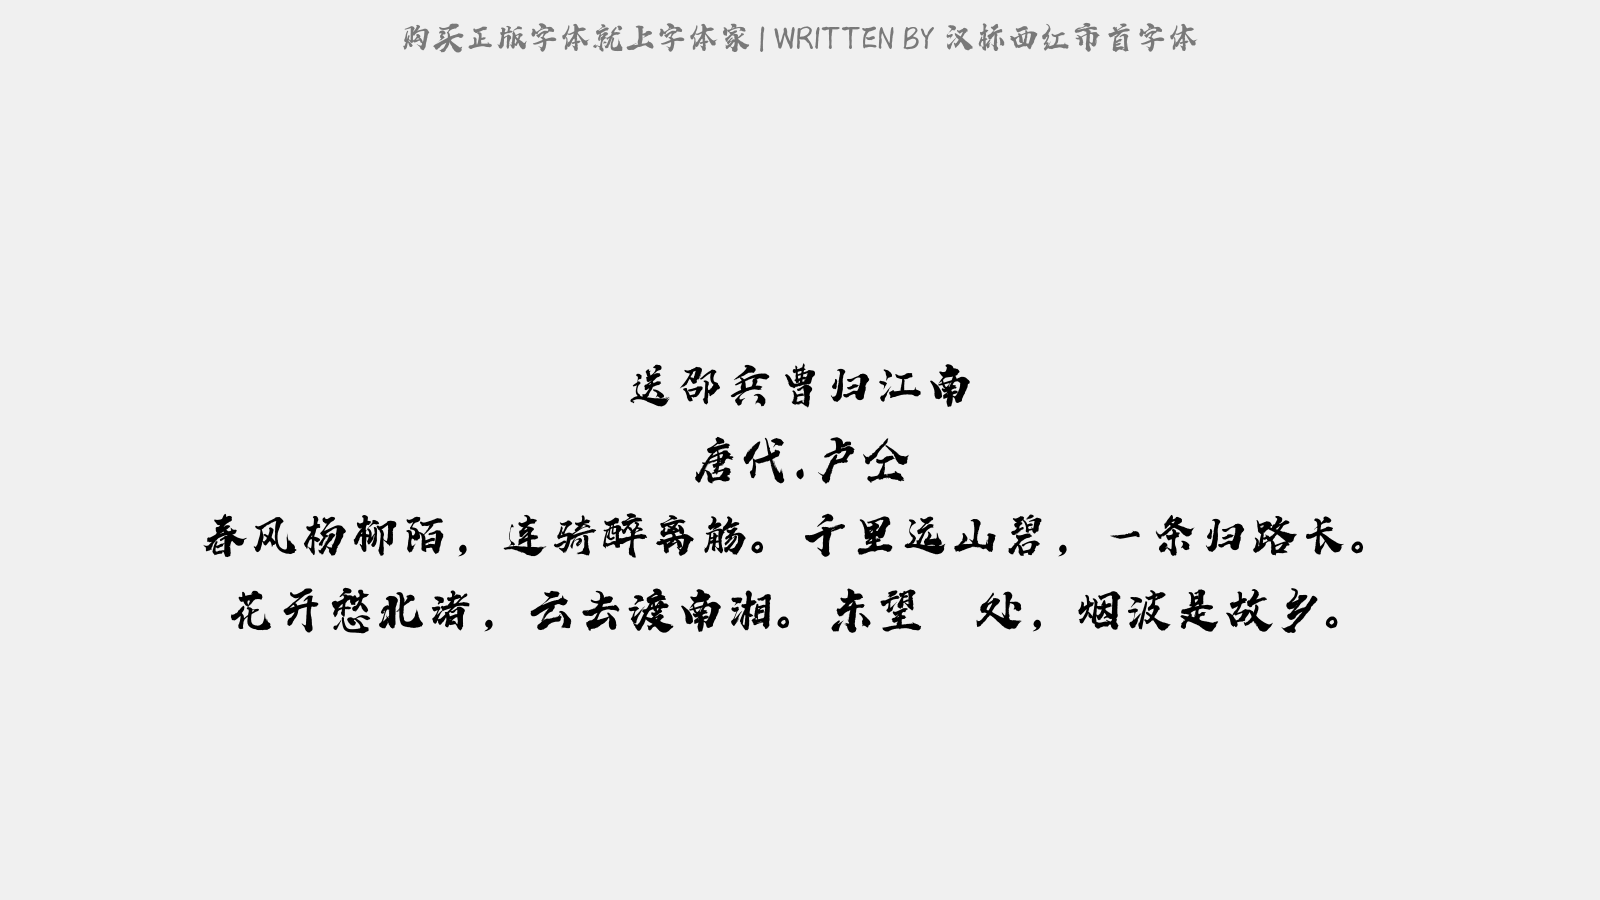 漢標西紅市首字體 - 送邵兵曹歸江南